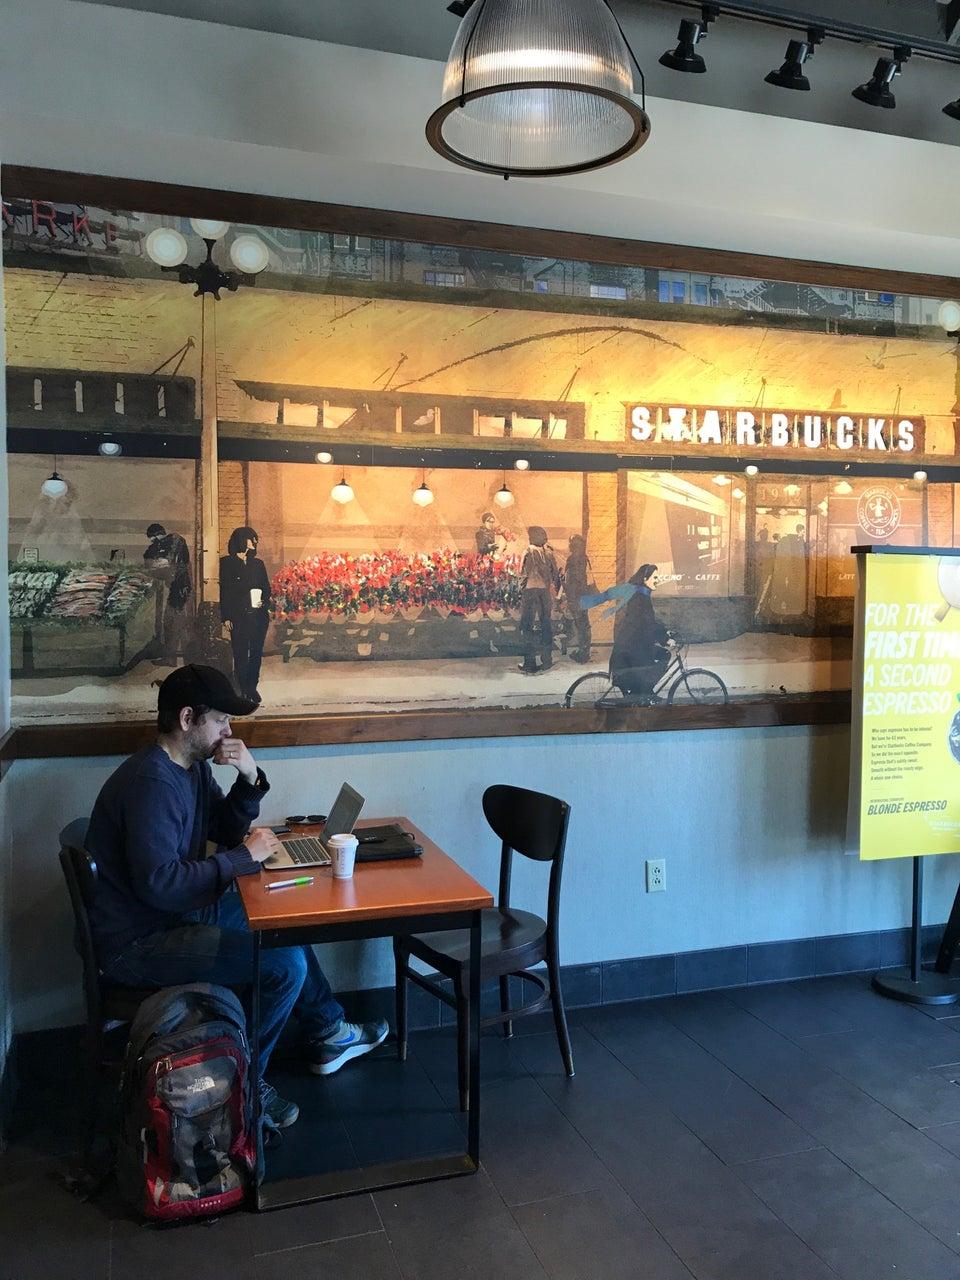 Starbucks Murfreesboro